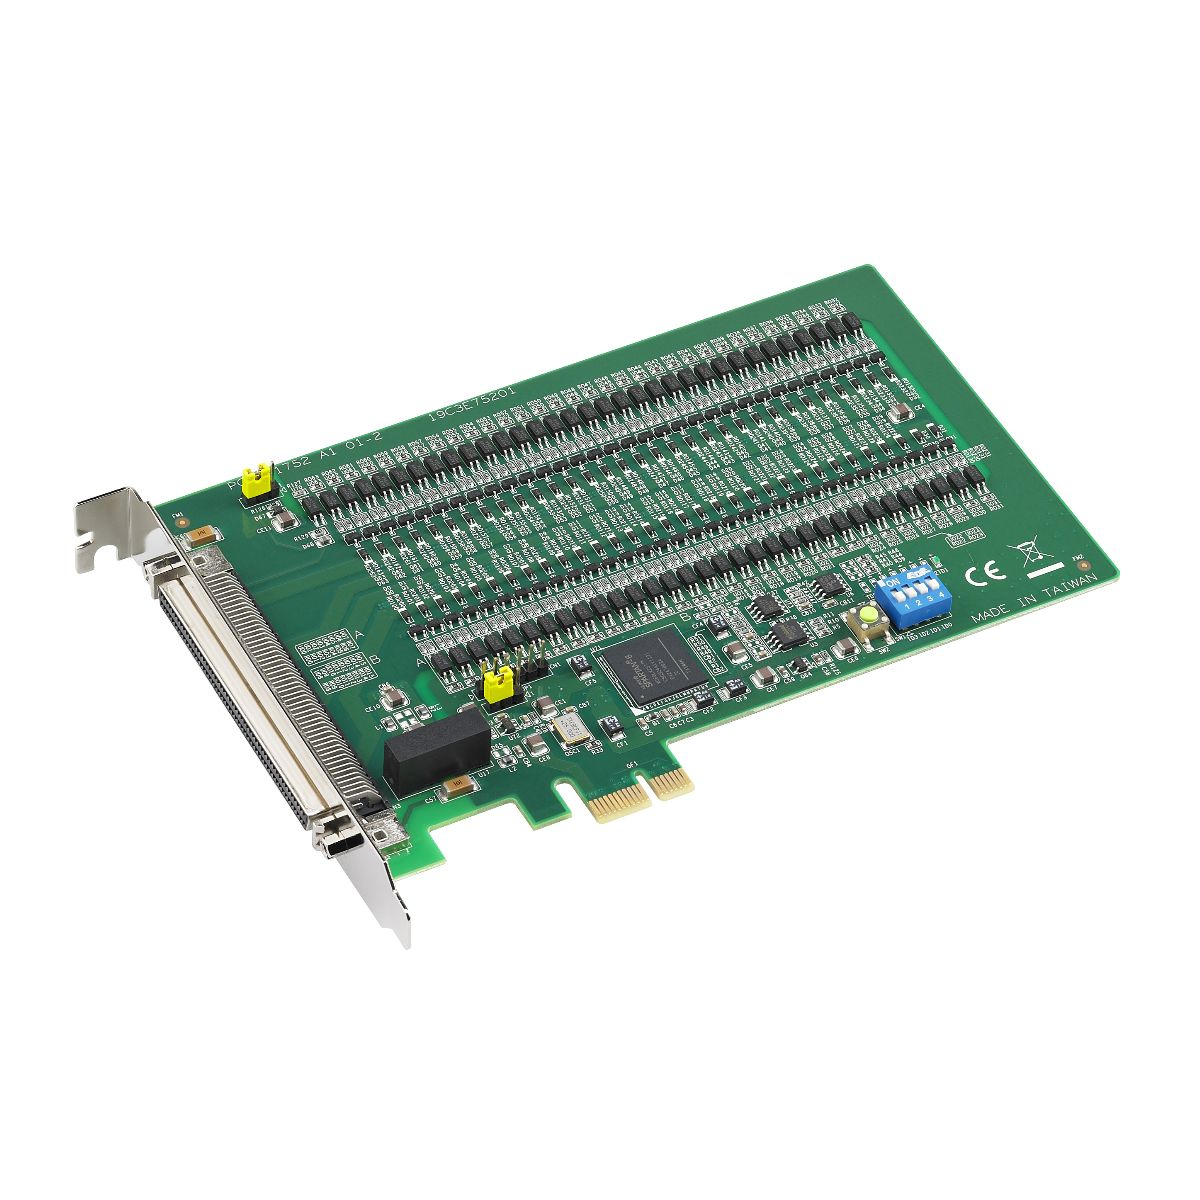 基于PC104的数据采集系统的设计